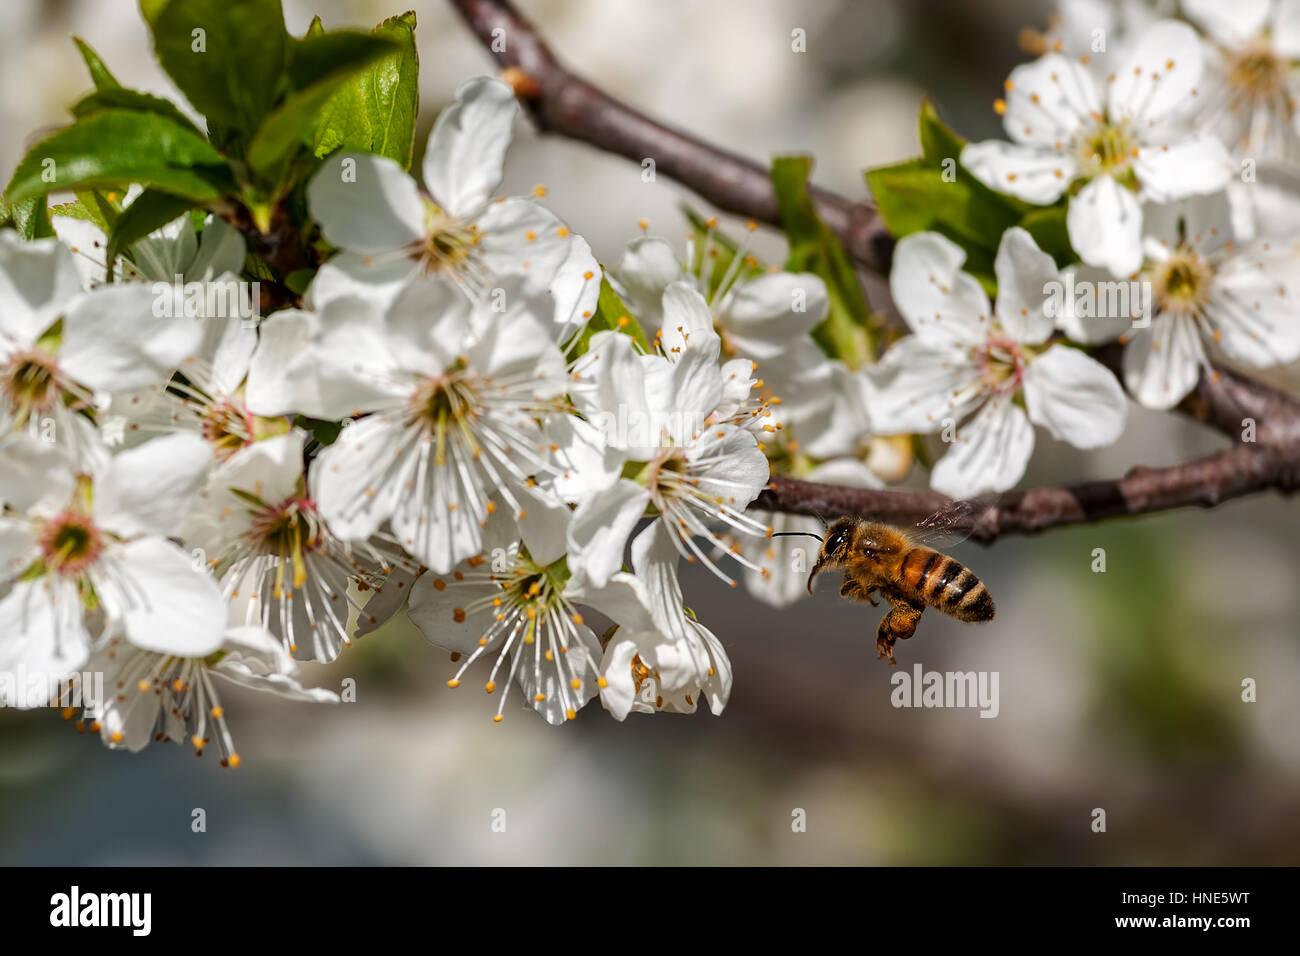 Bee vola verso fiori bianchi su alberi in fiore per raccogliere il polline. Immagini Stock